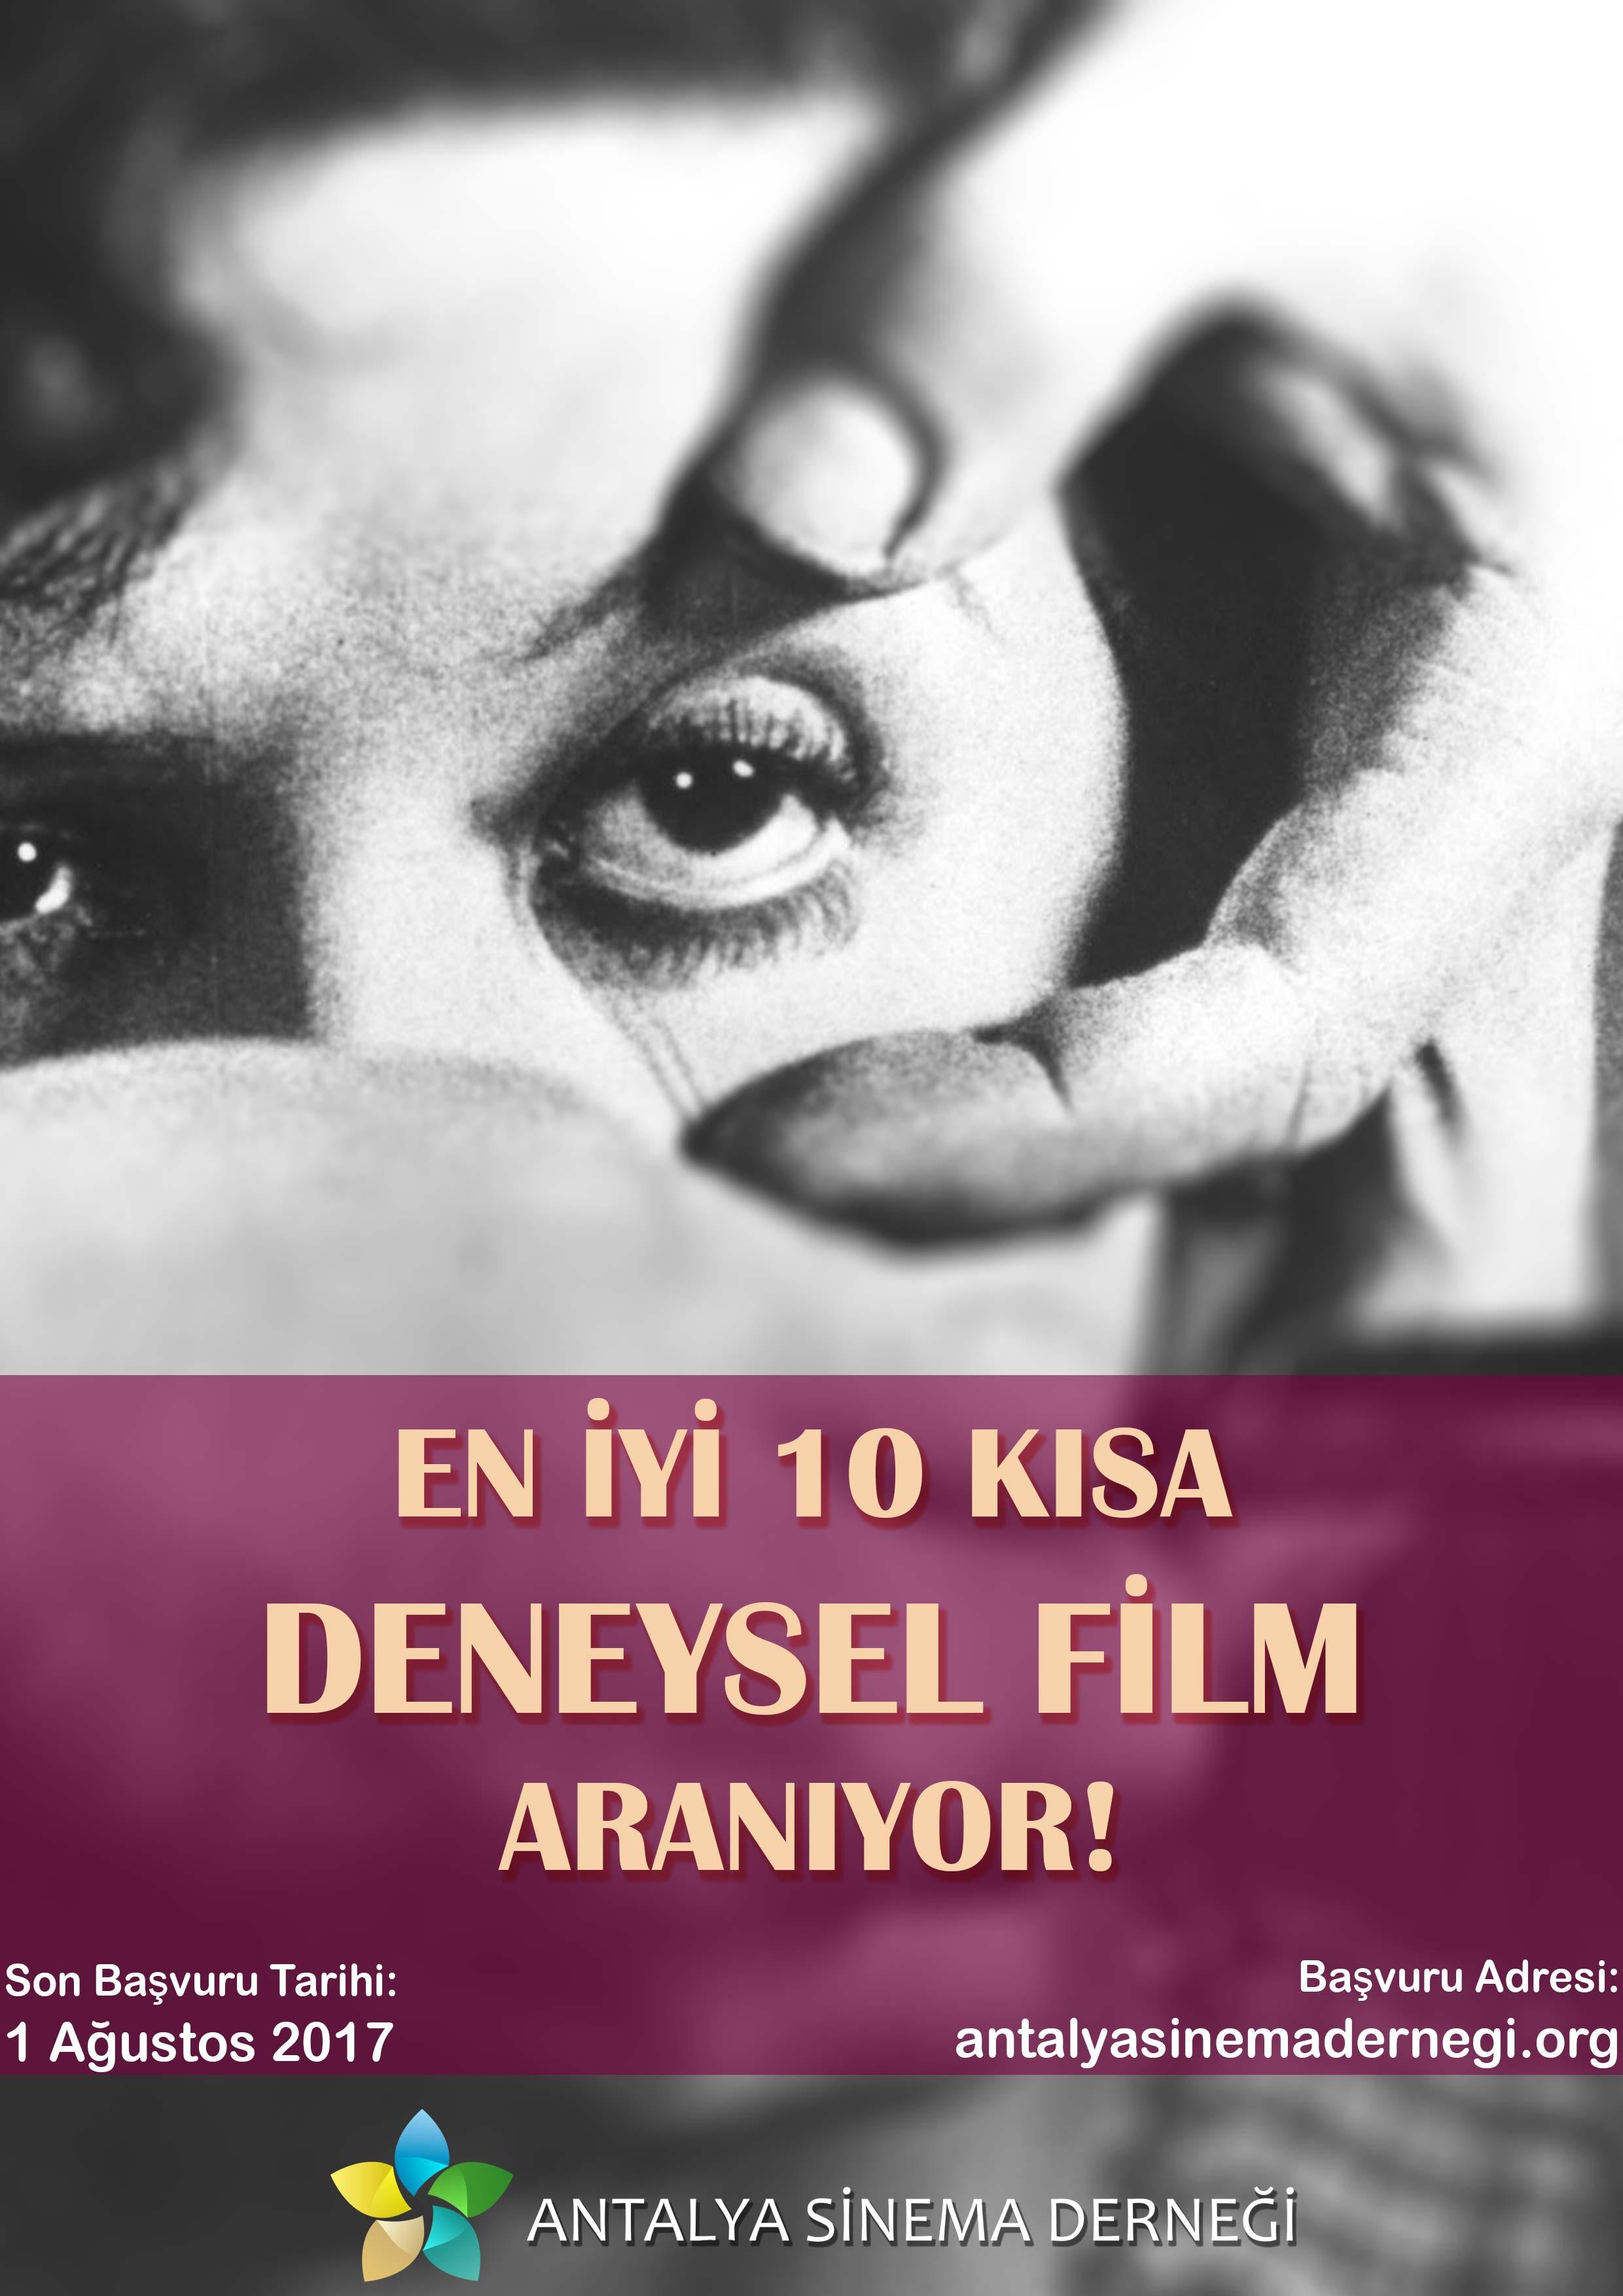 'En İyi 10 Kısa Deneysel Film' Aranıyor! 1 – en iyi 10 deneysel afiş